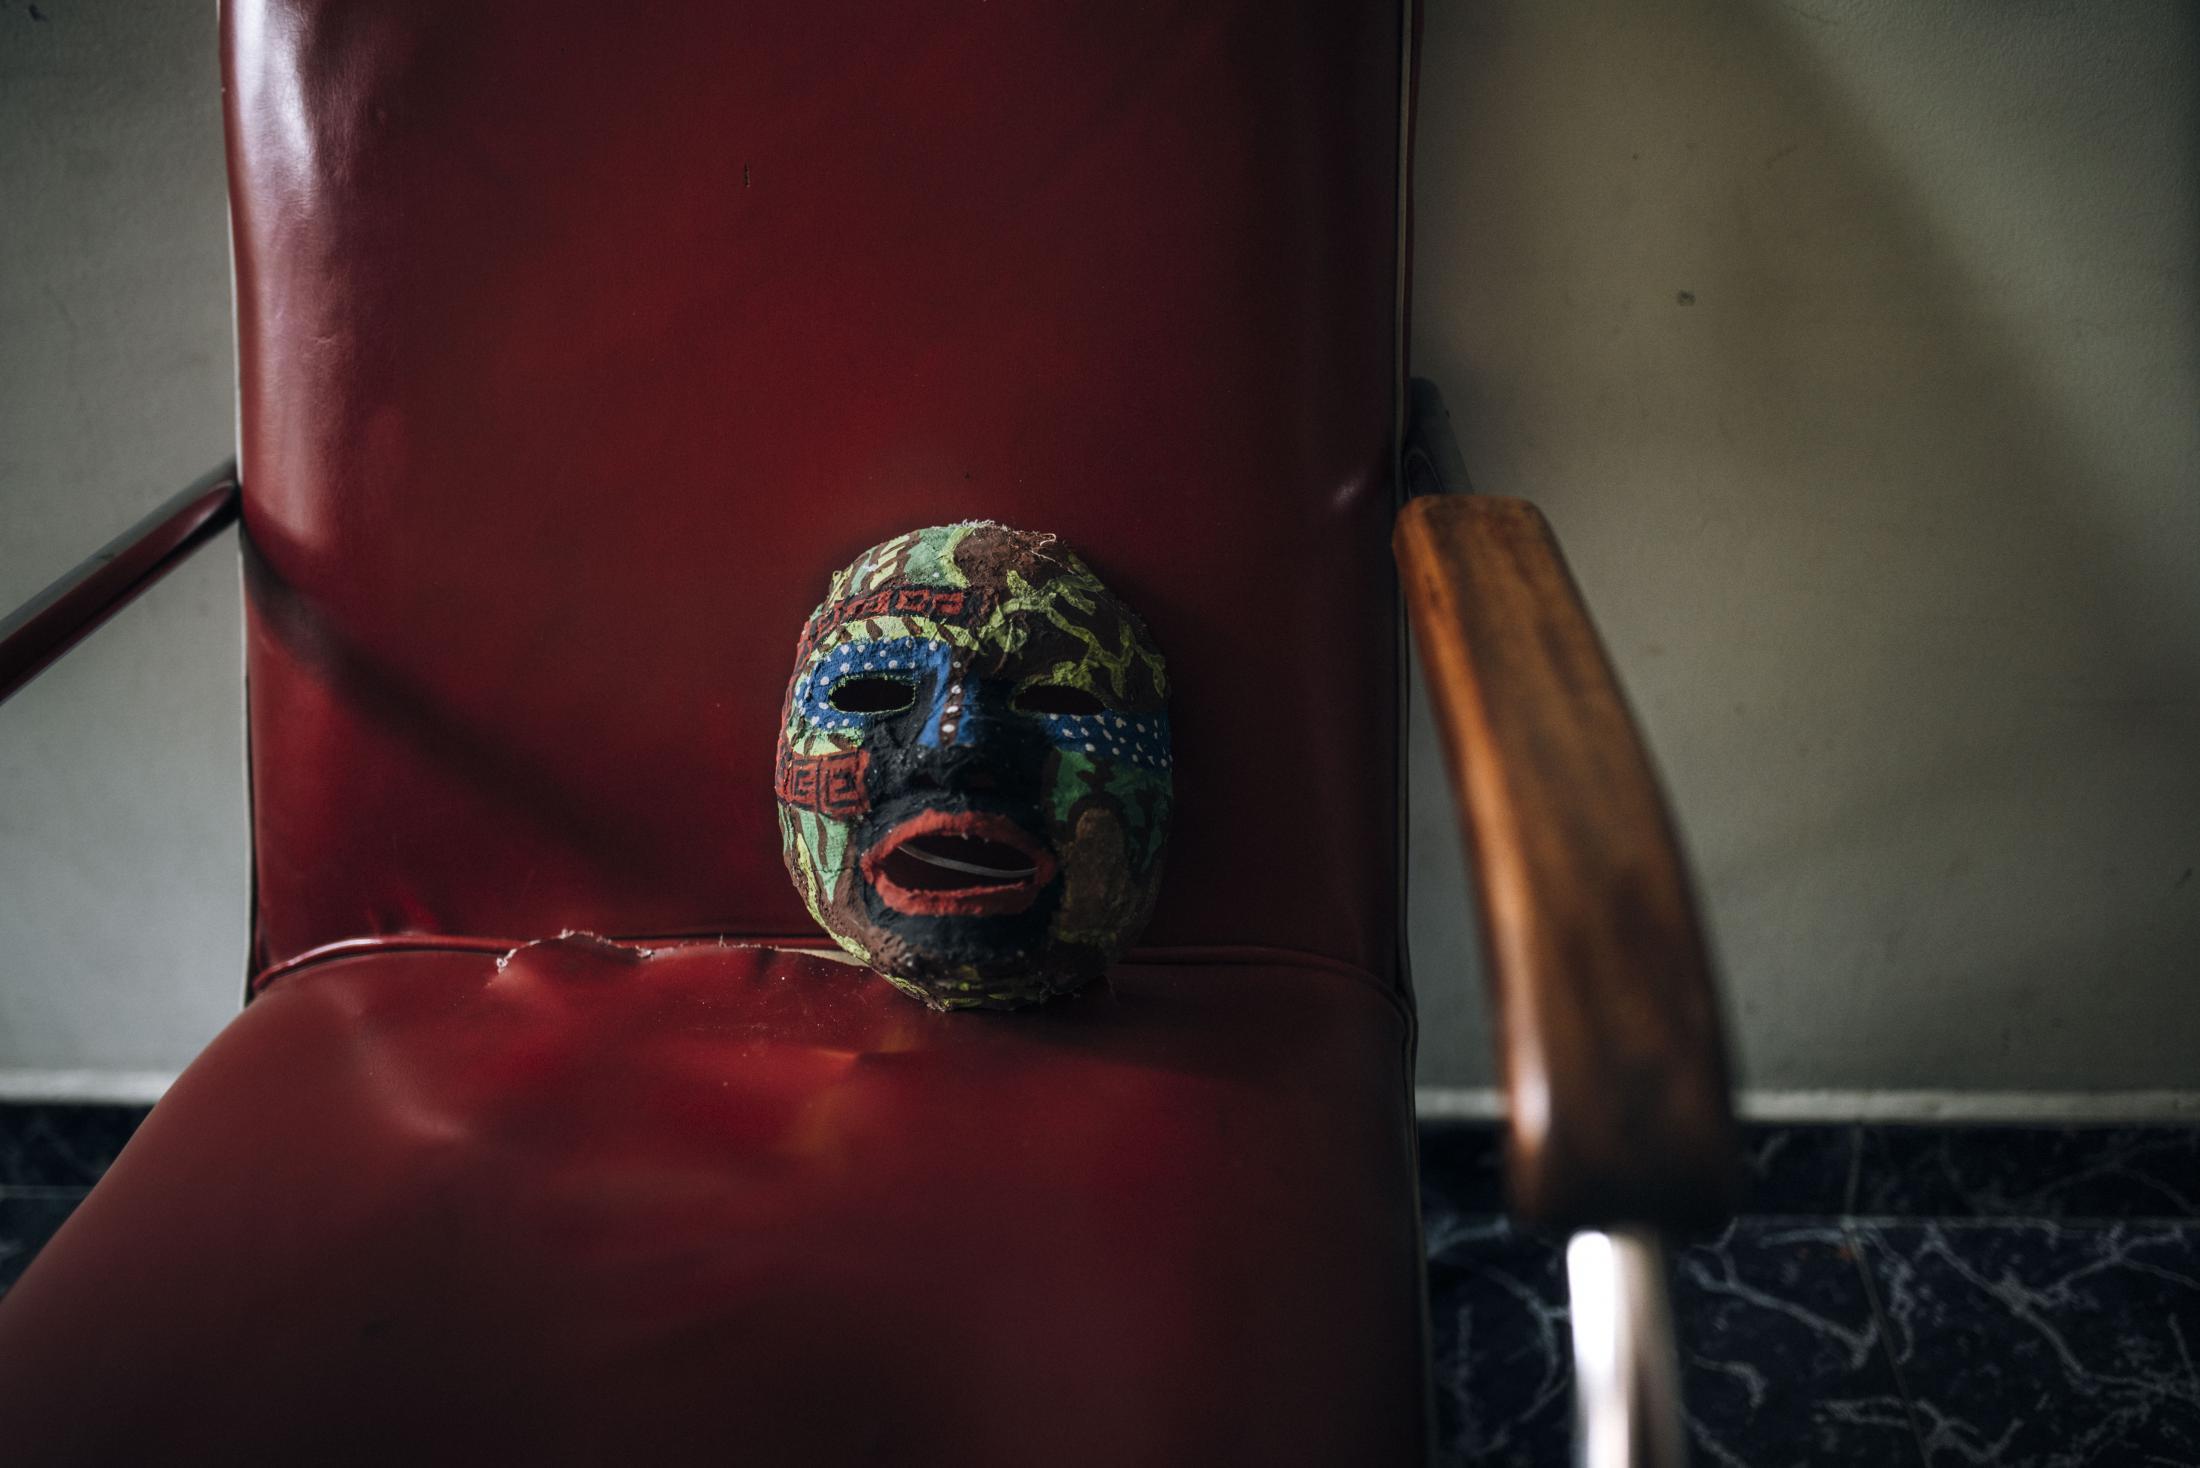 Con máscaras como estas líderes sociales dejan una huella simbólica en una casa de acogida en Bogotá que brinda refugio a líderes desplazados y en situaciones de alto riesgo.